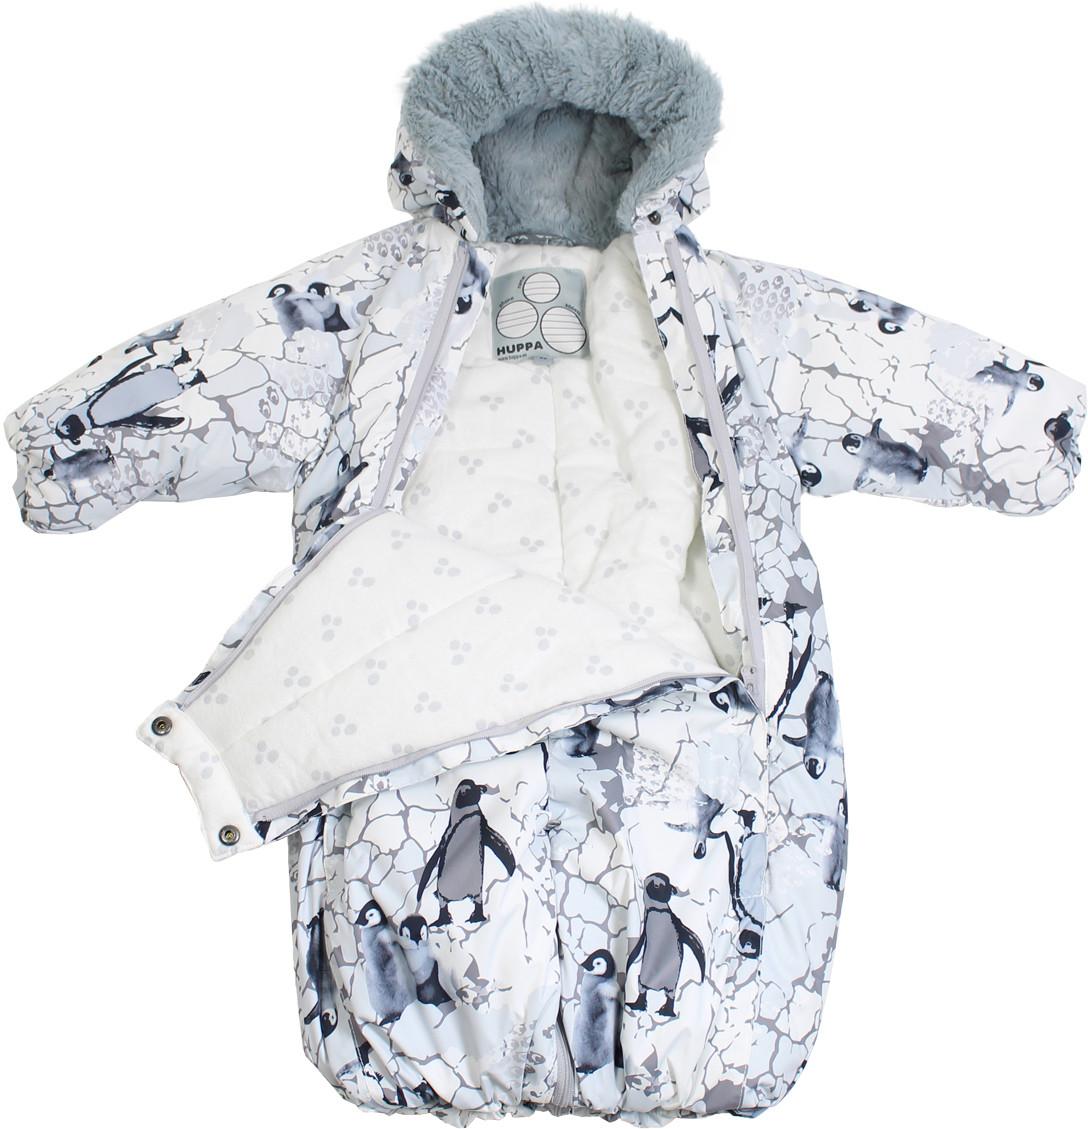 Комбинезон-спальный мешок для малышейHuppa MARY, белый с принтом, размер 68